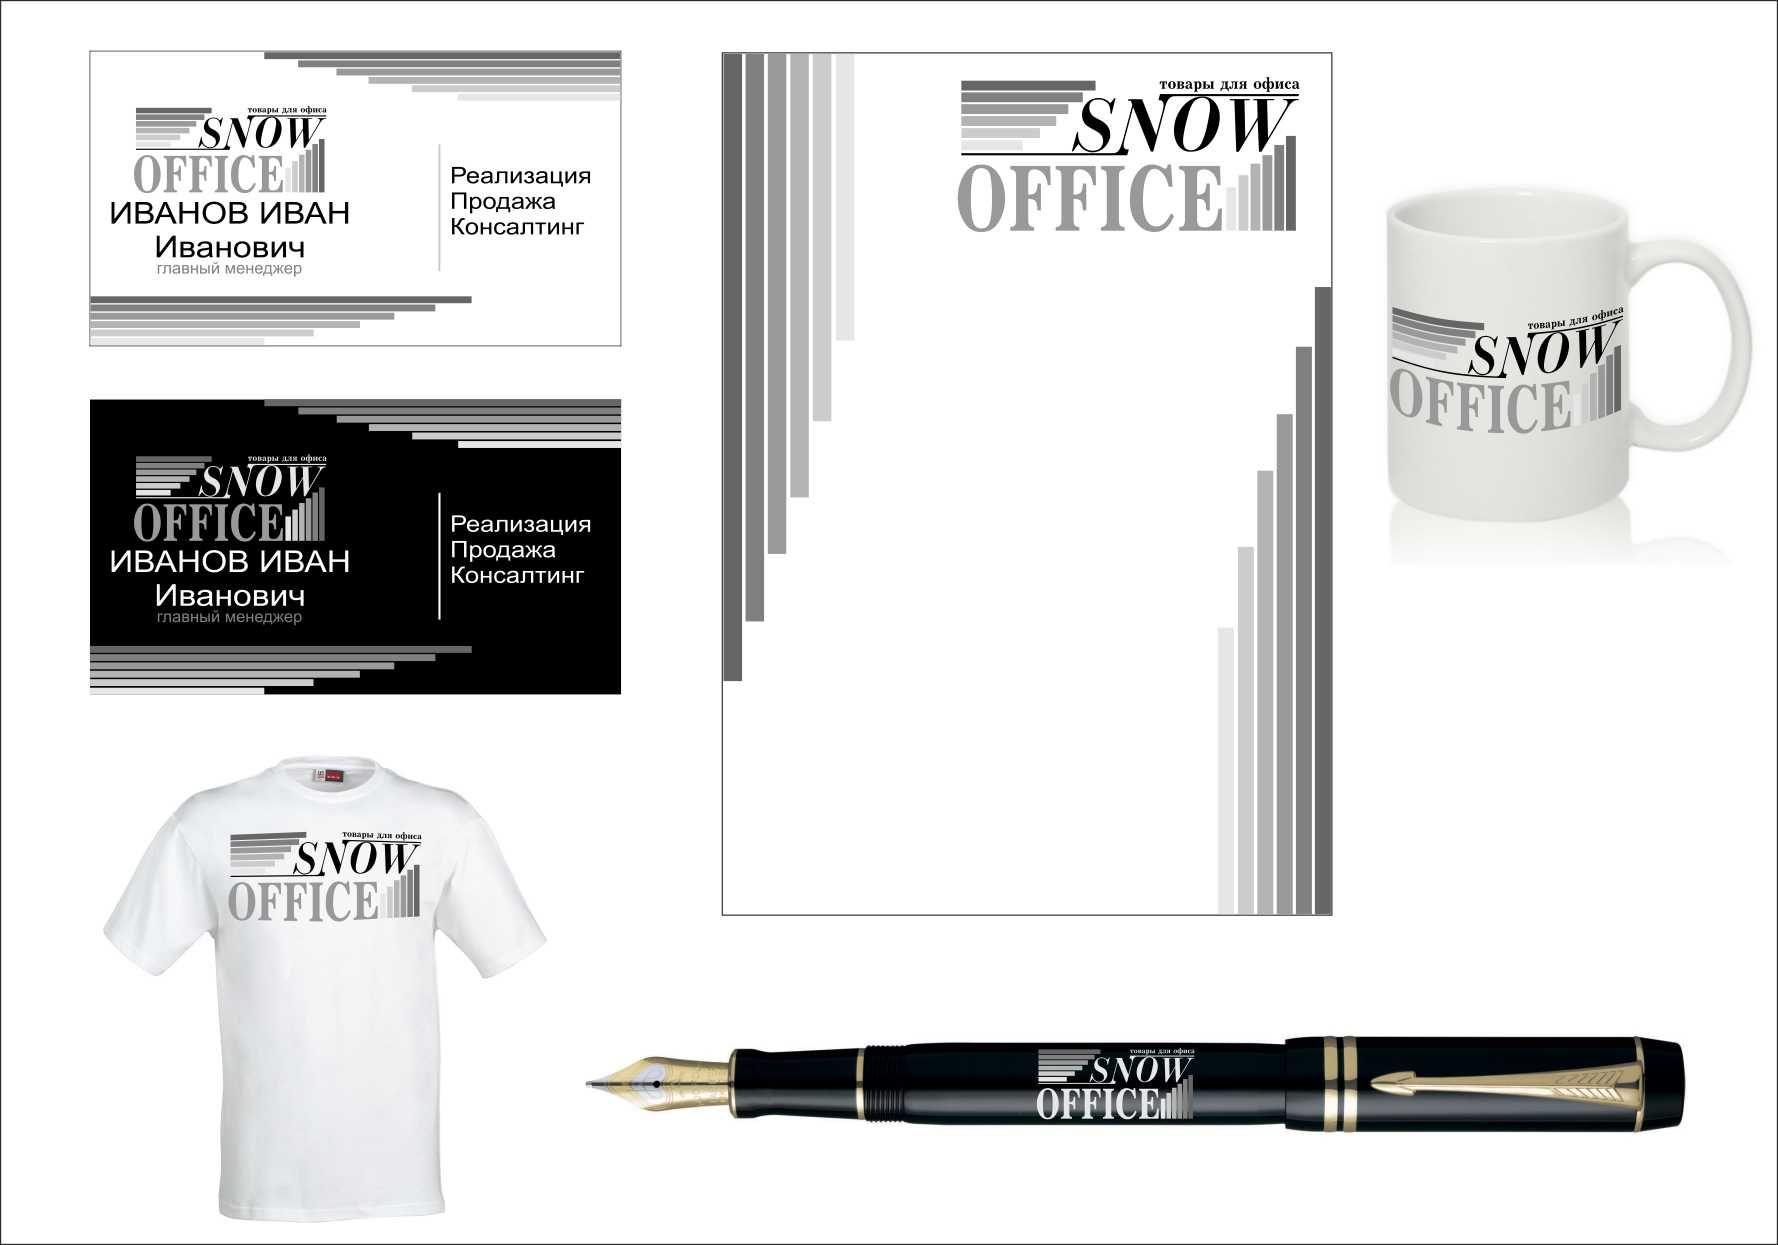 Лого и фирменный стиль для интернет-магазина - дизайнер Valentin1982